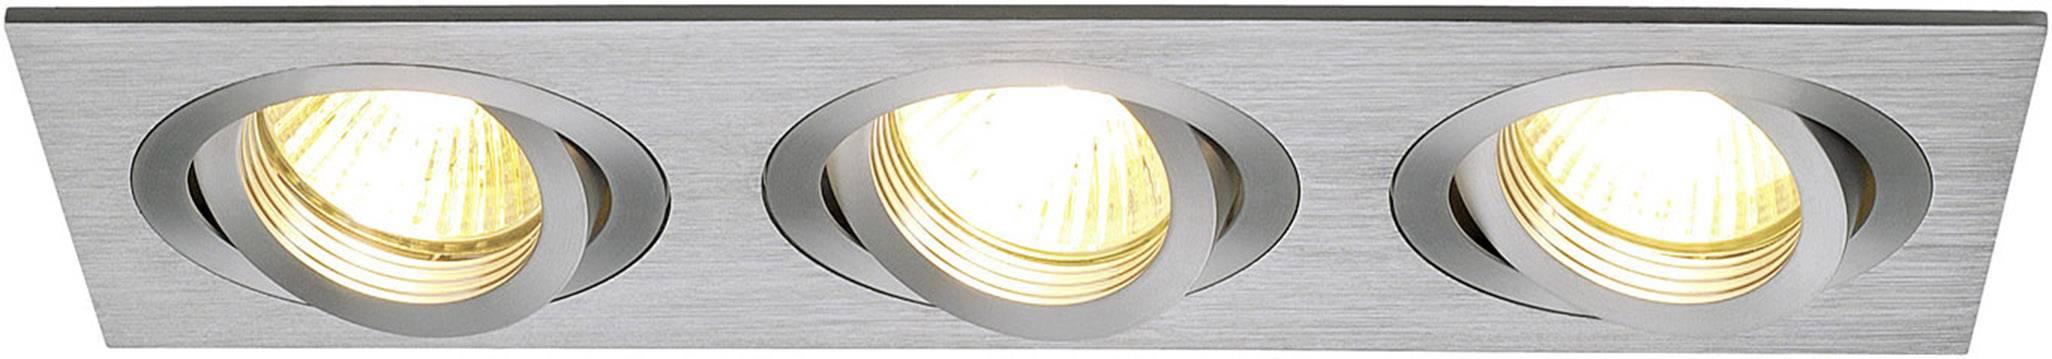 - halogénová žiarovka SLV New Tria III 111363 GU10, 150 W, hliník (kartáčovaný)